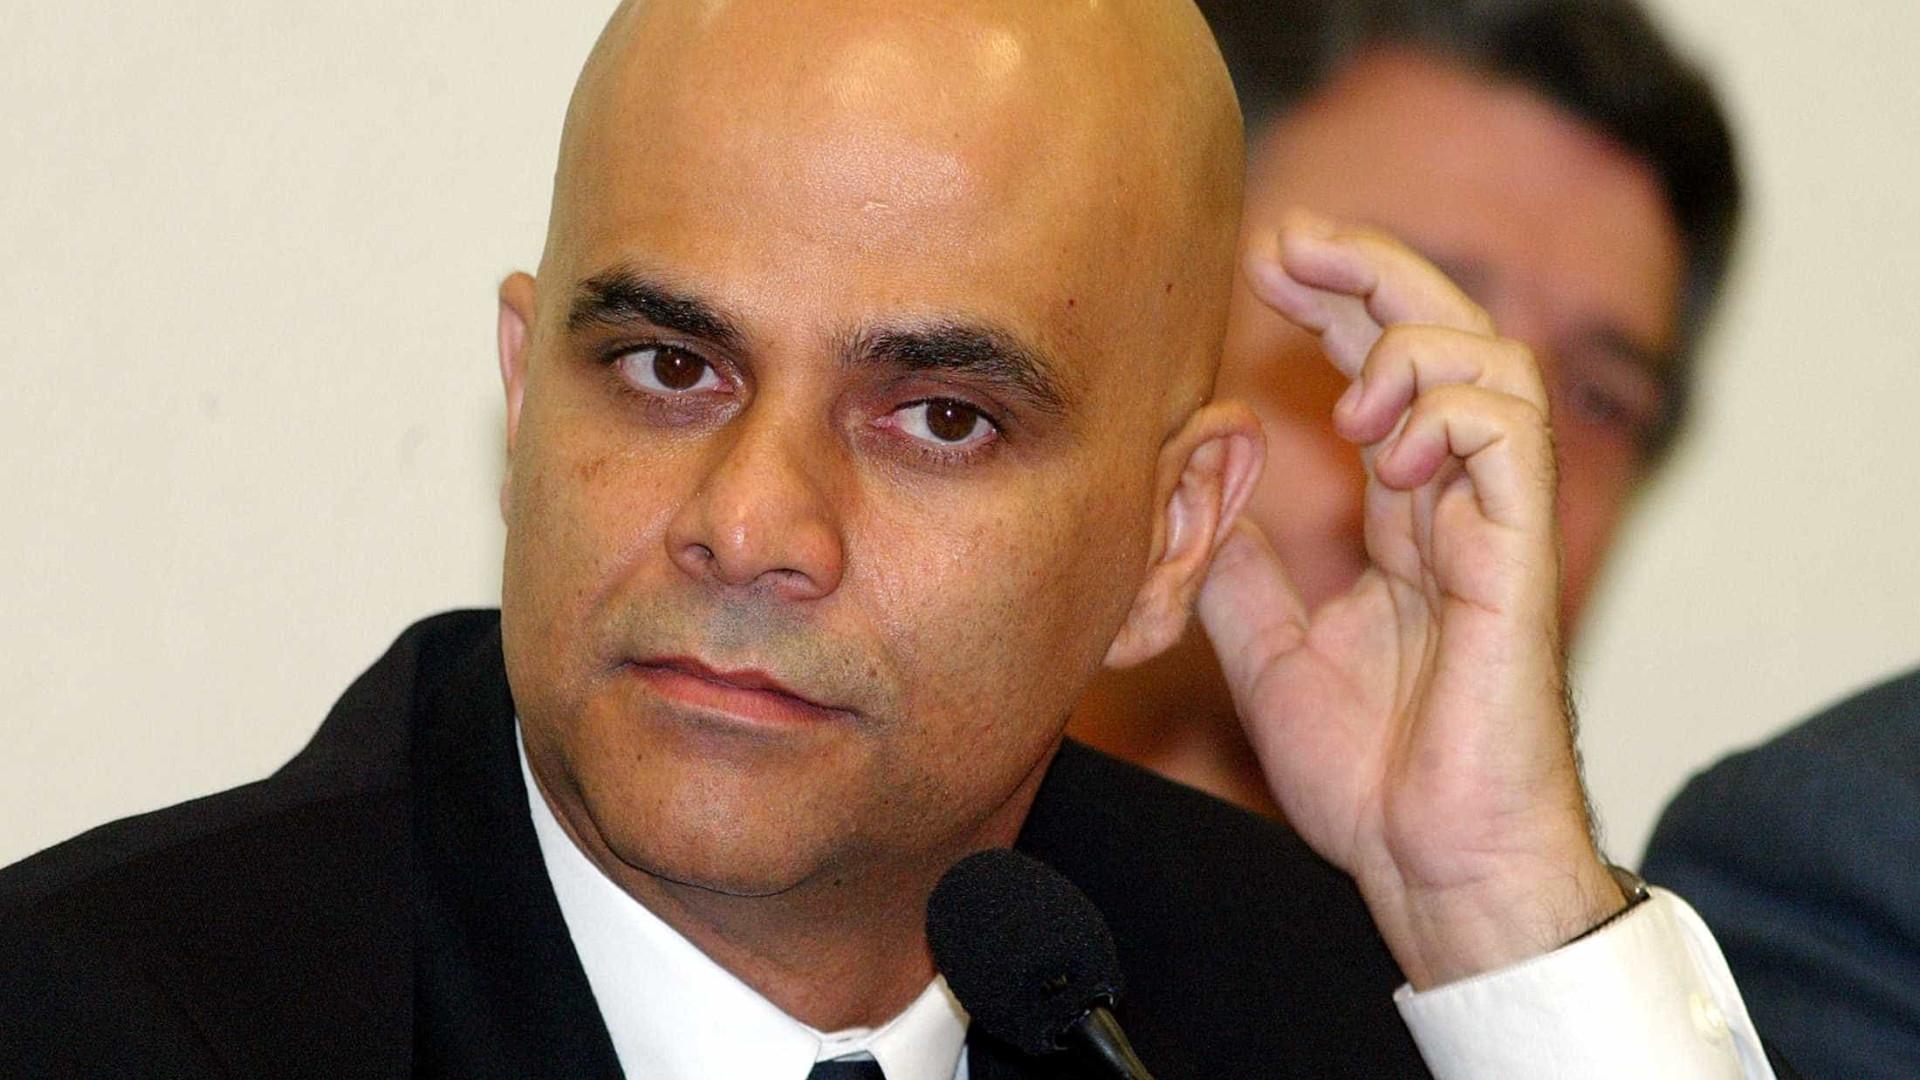 Marcos Valério e dois sócios são condenados a prisão no mensalão tucano